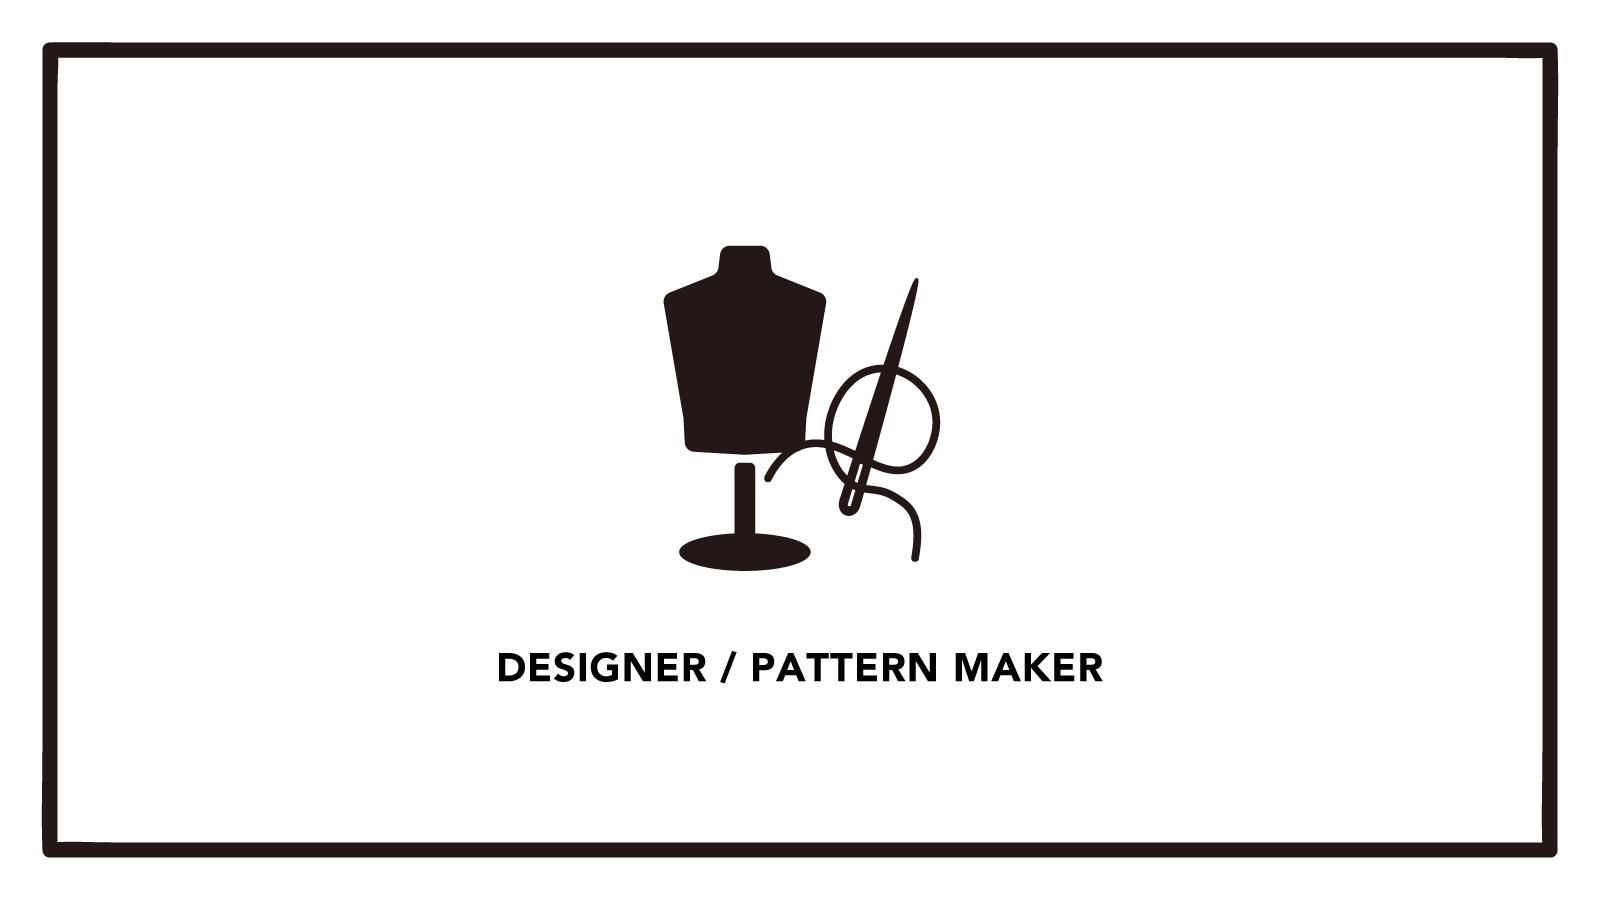 【パタンナー】急成長中のアパレルメーカー!シンプルで洗練された服が魅力のカバー写真